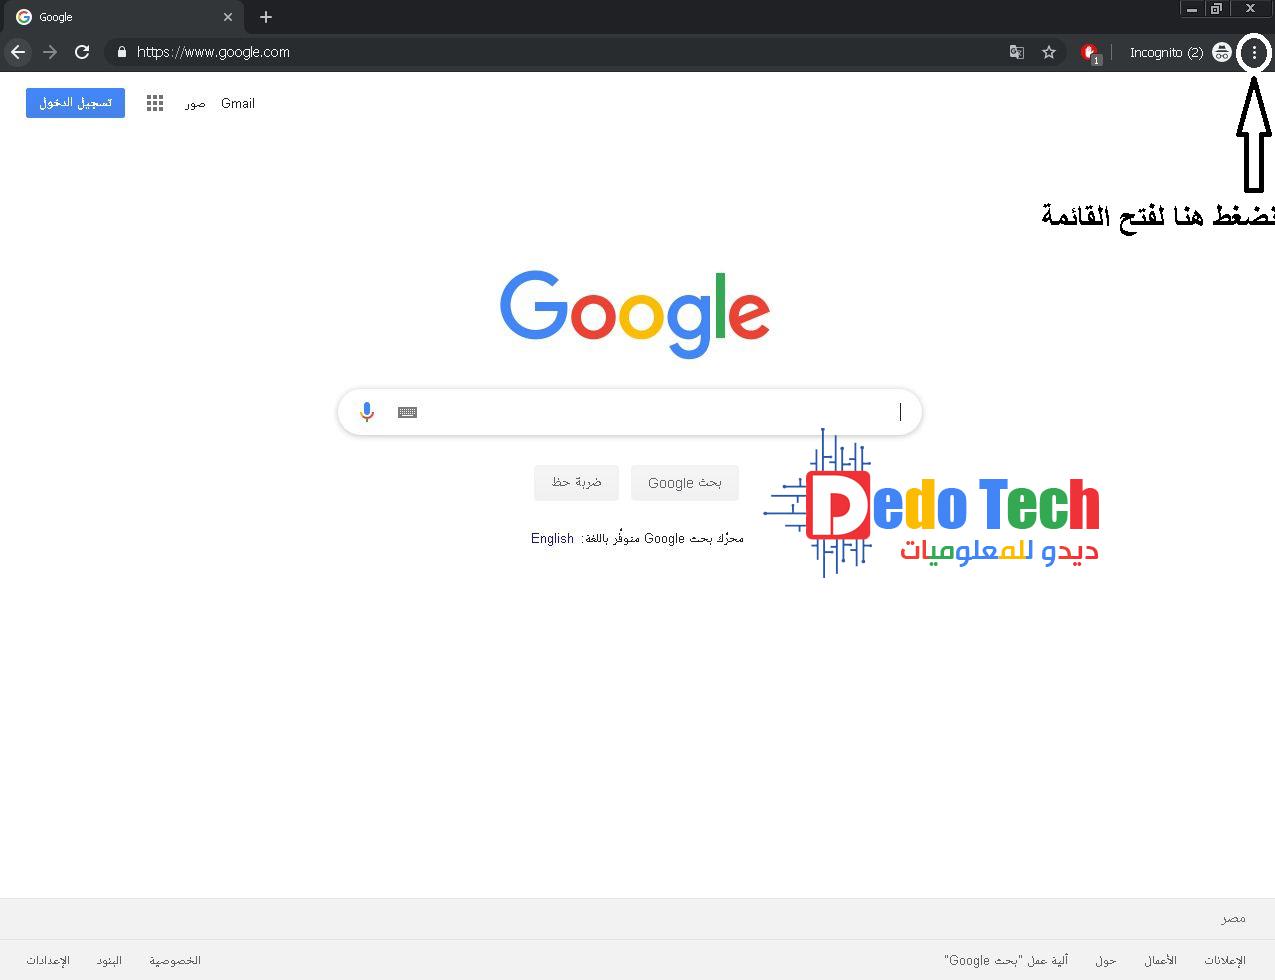 قائمة الاختيارات فى جوجل كروم